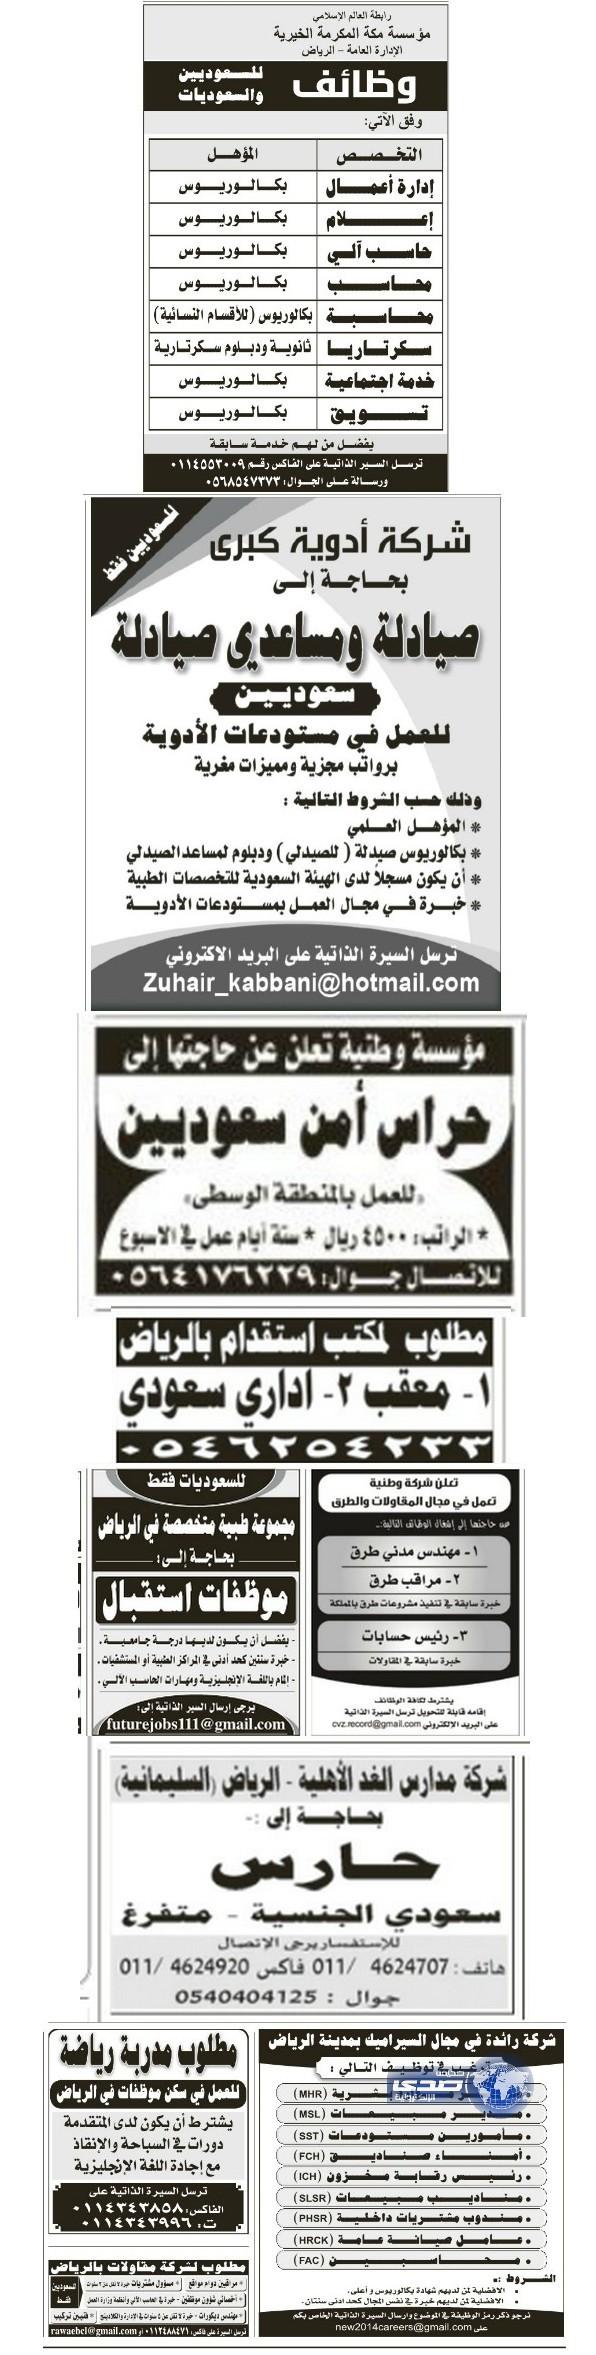 وظائف القطاع الخاص الاربعاء 18-5-1435 ، وظائف خاصة اليوم 19-3-2014